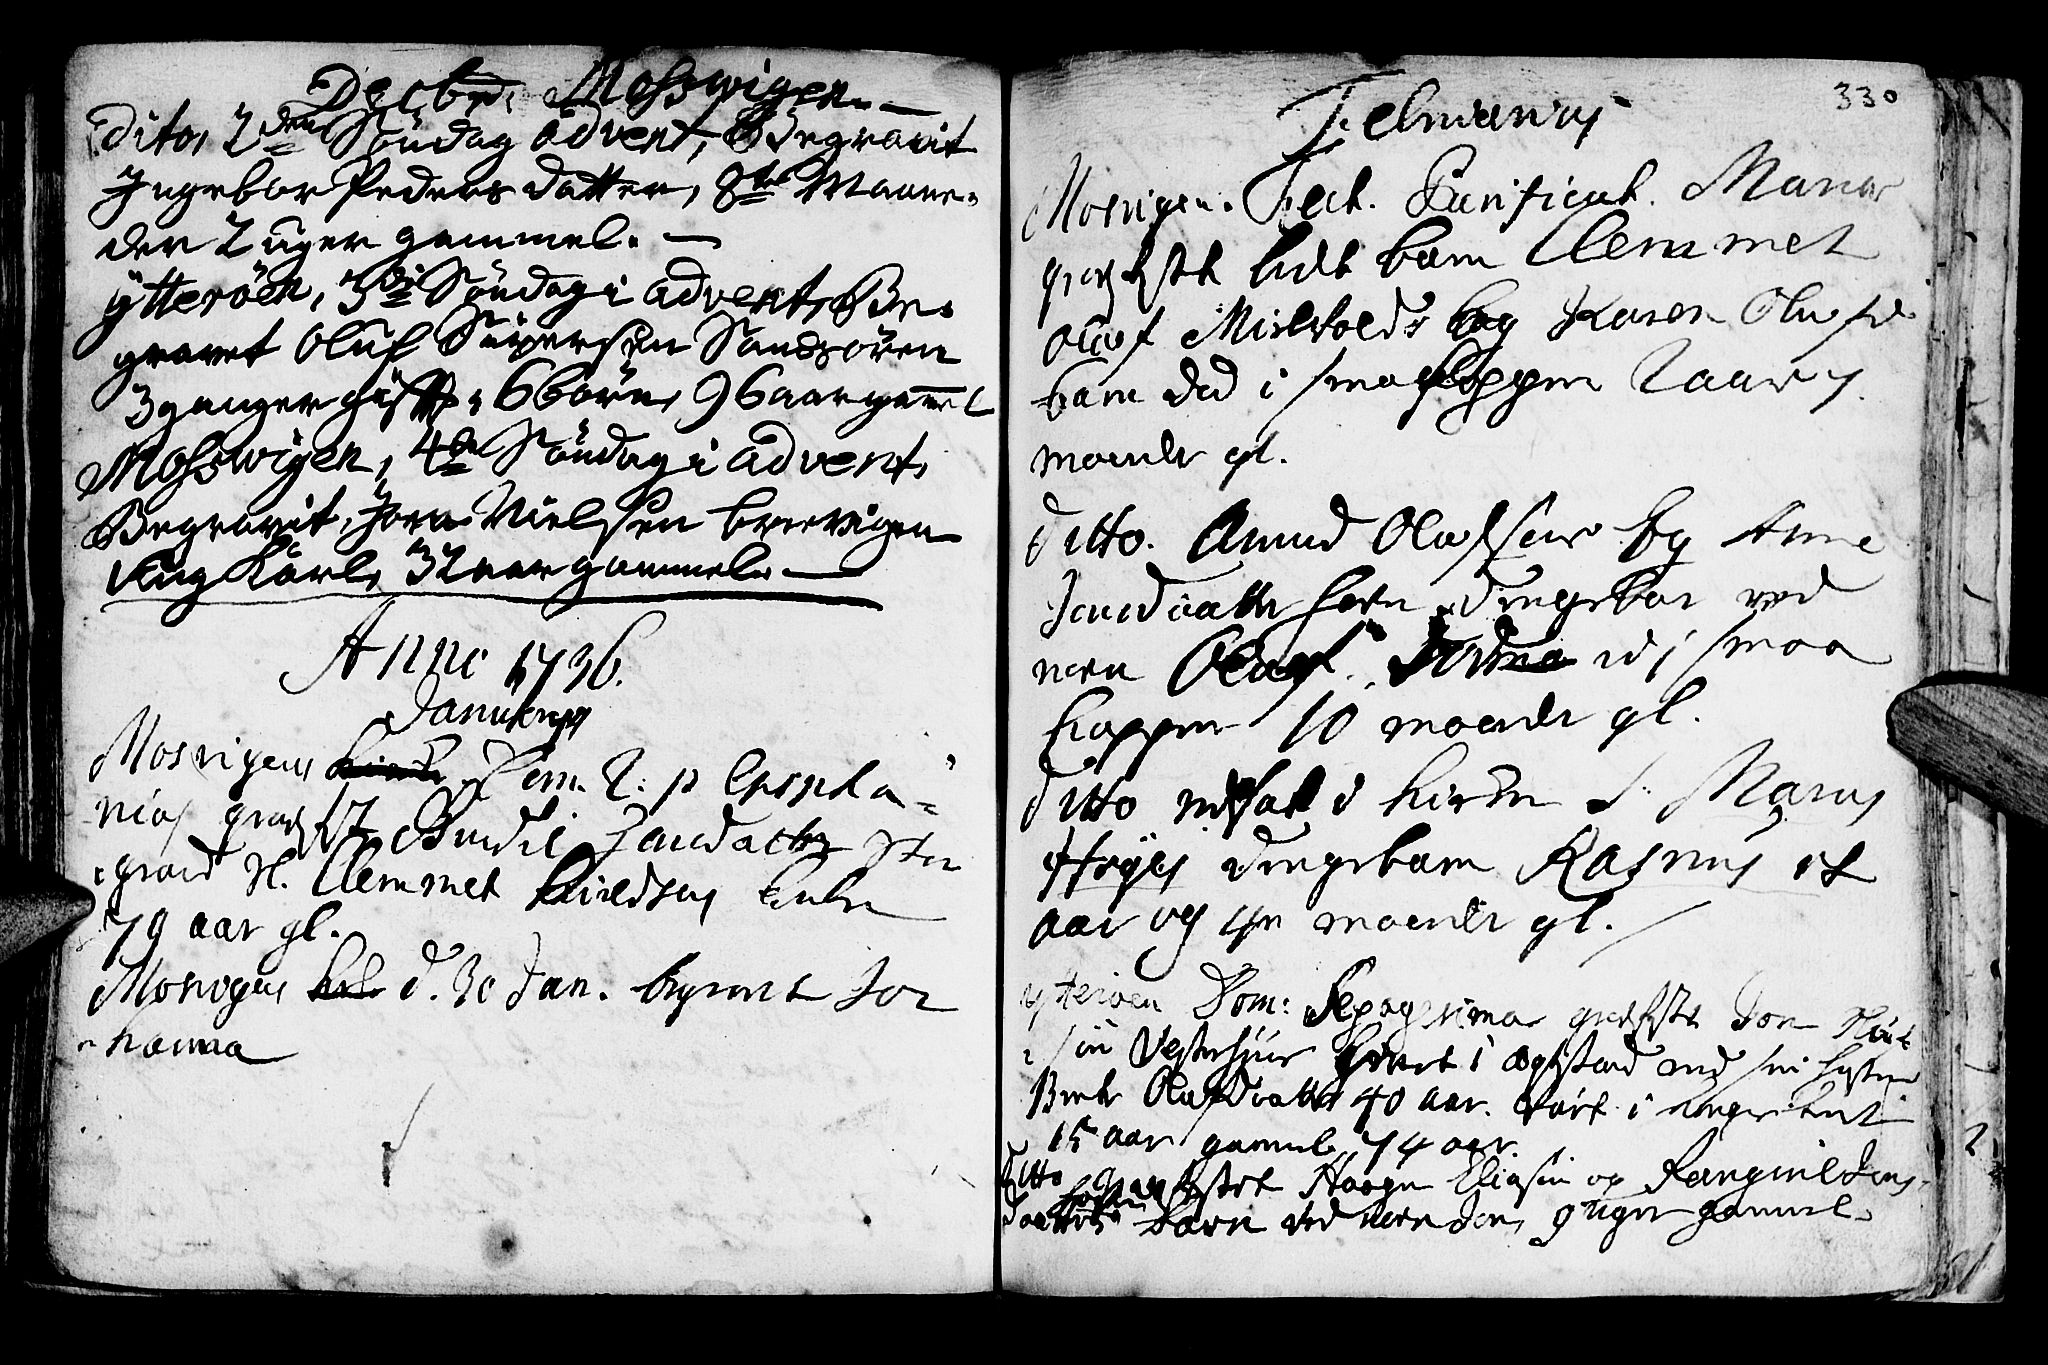 SAT, Ministerialprotokoller, klokkerbøker og fødselsregistre - Nord-Trøndelag, 722/L0215: Ministerialbok nr. 722A02, 1718-1755, s. 330